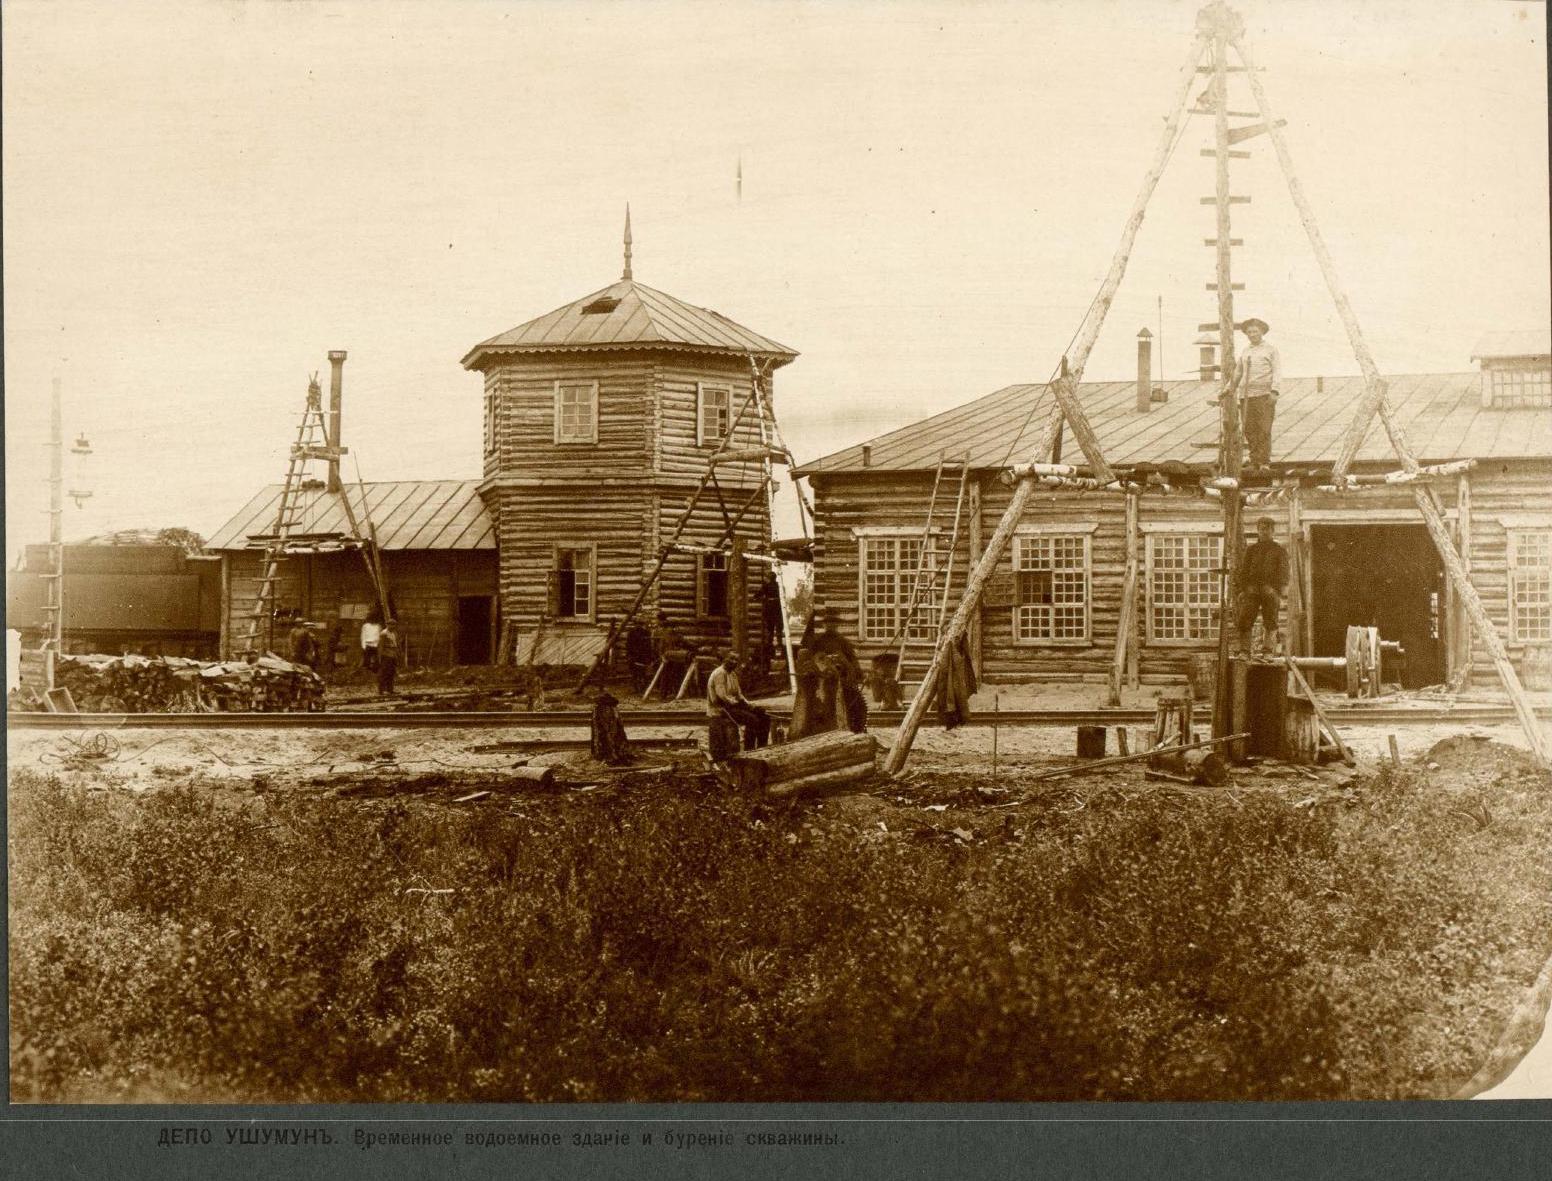 232 верста. Станция Ушумун. Депо. Временное водоемное здание и бурение скважины